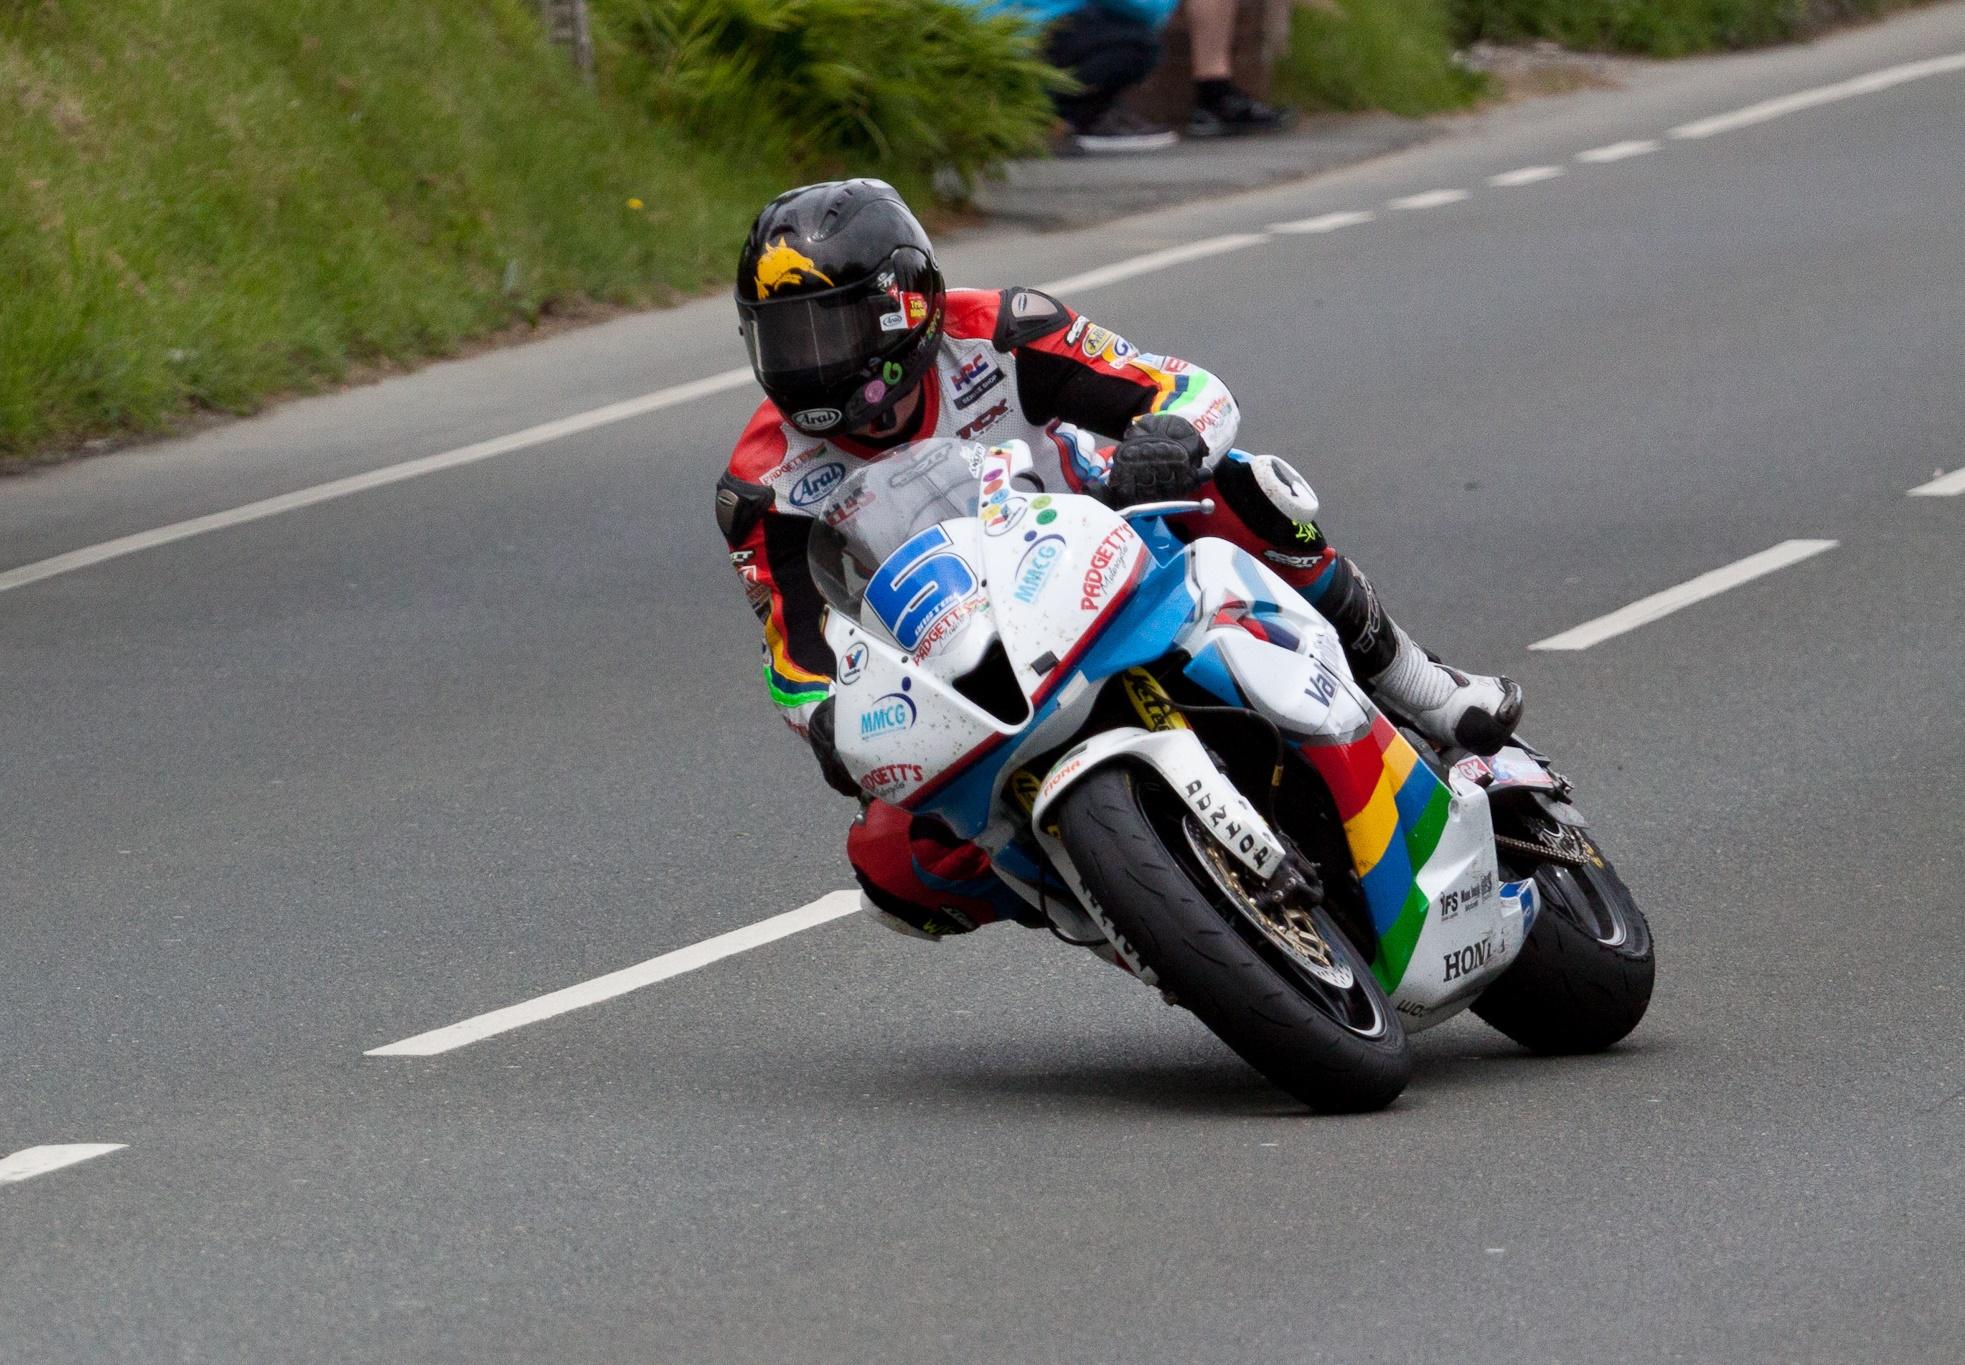 Bruce Anstey Monster Supersport TT 2014 image credit davidmeggers on flickr